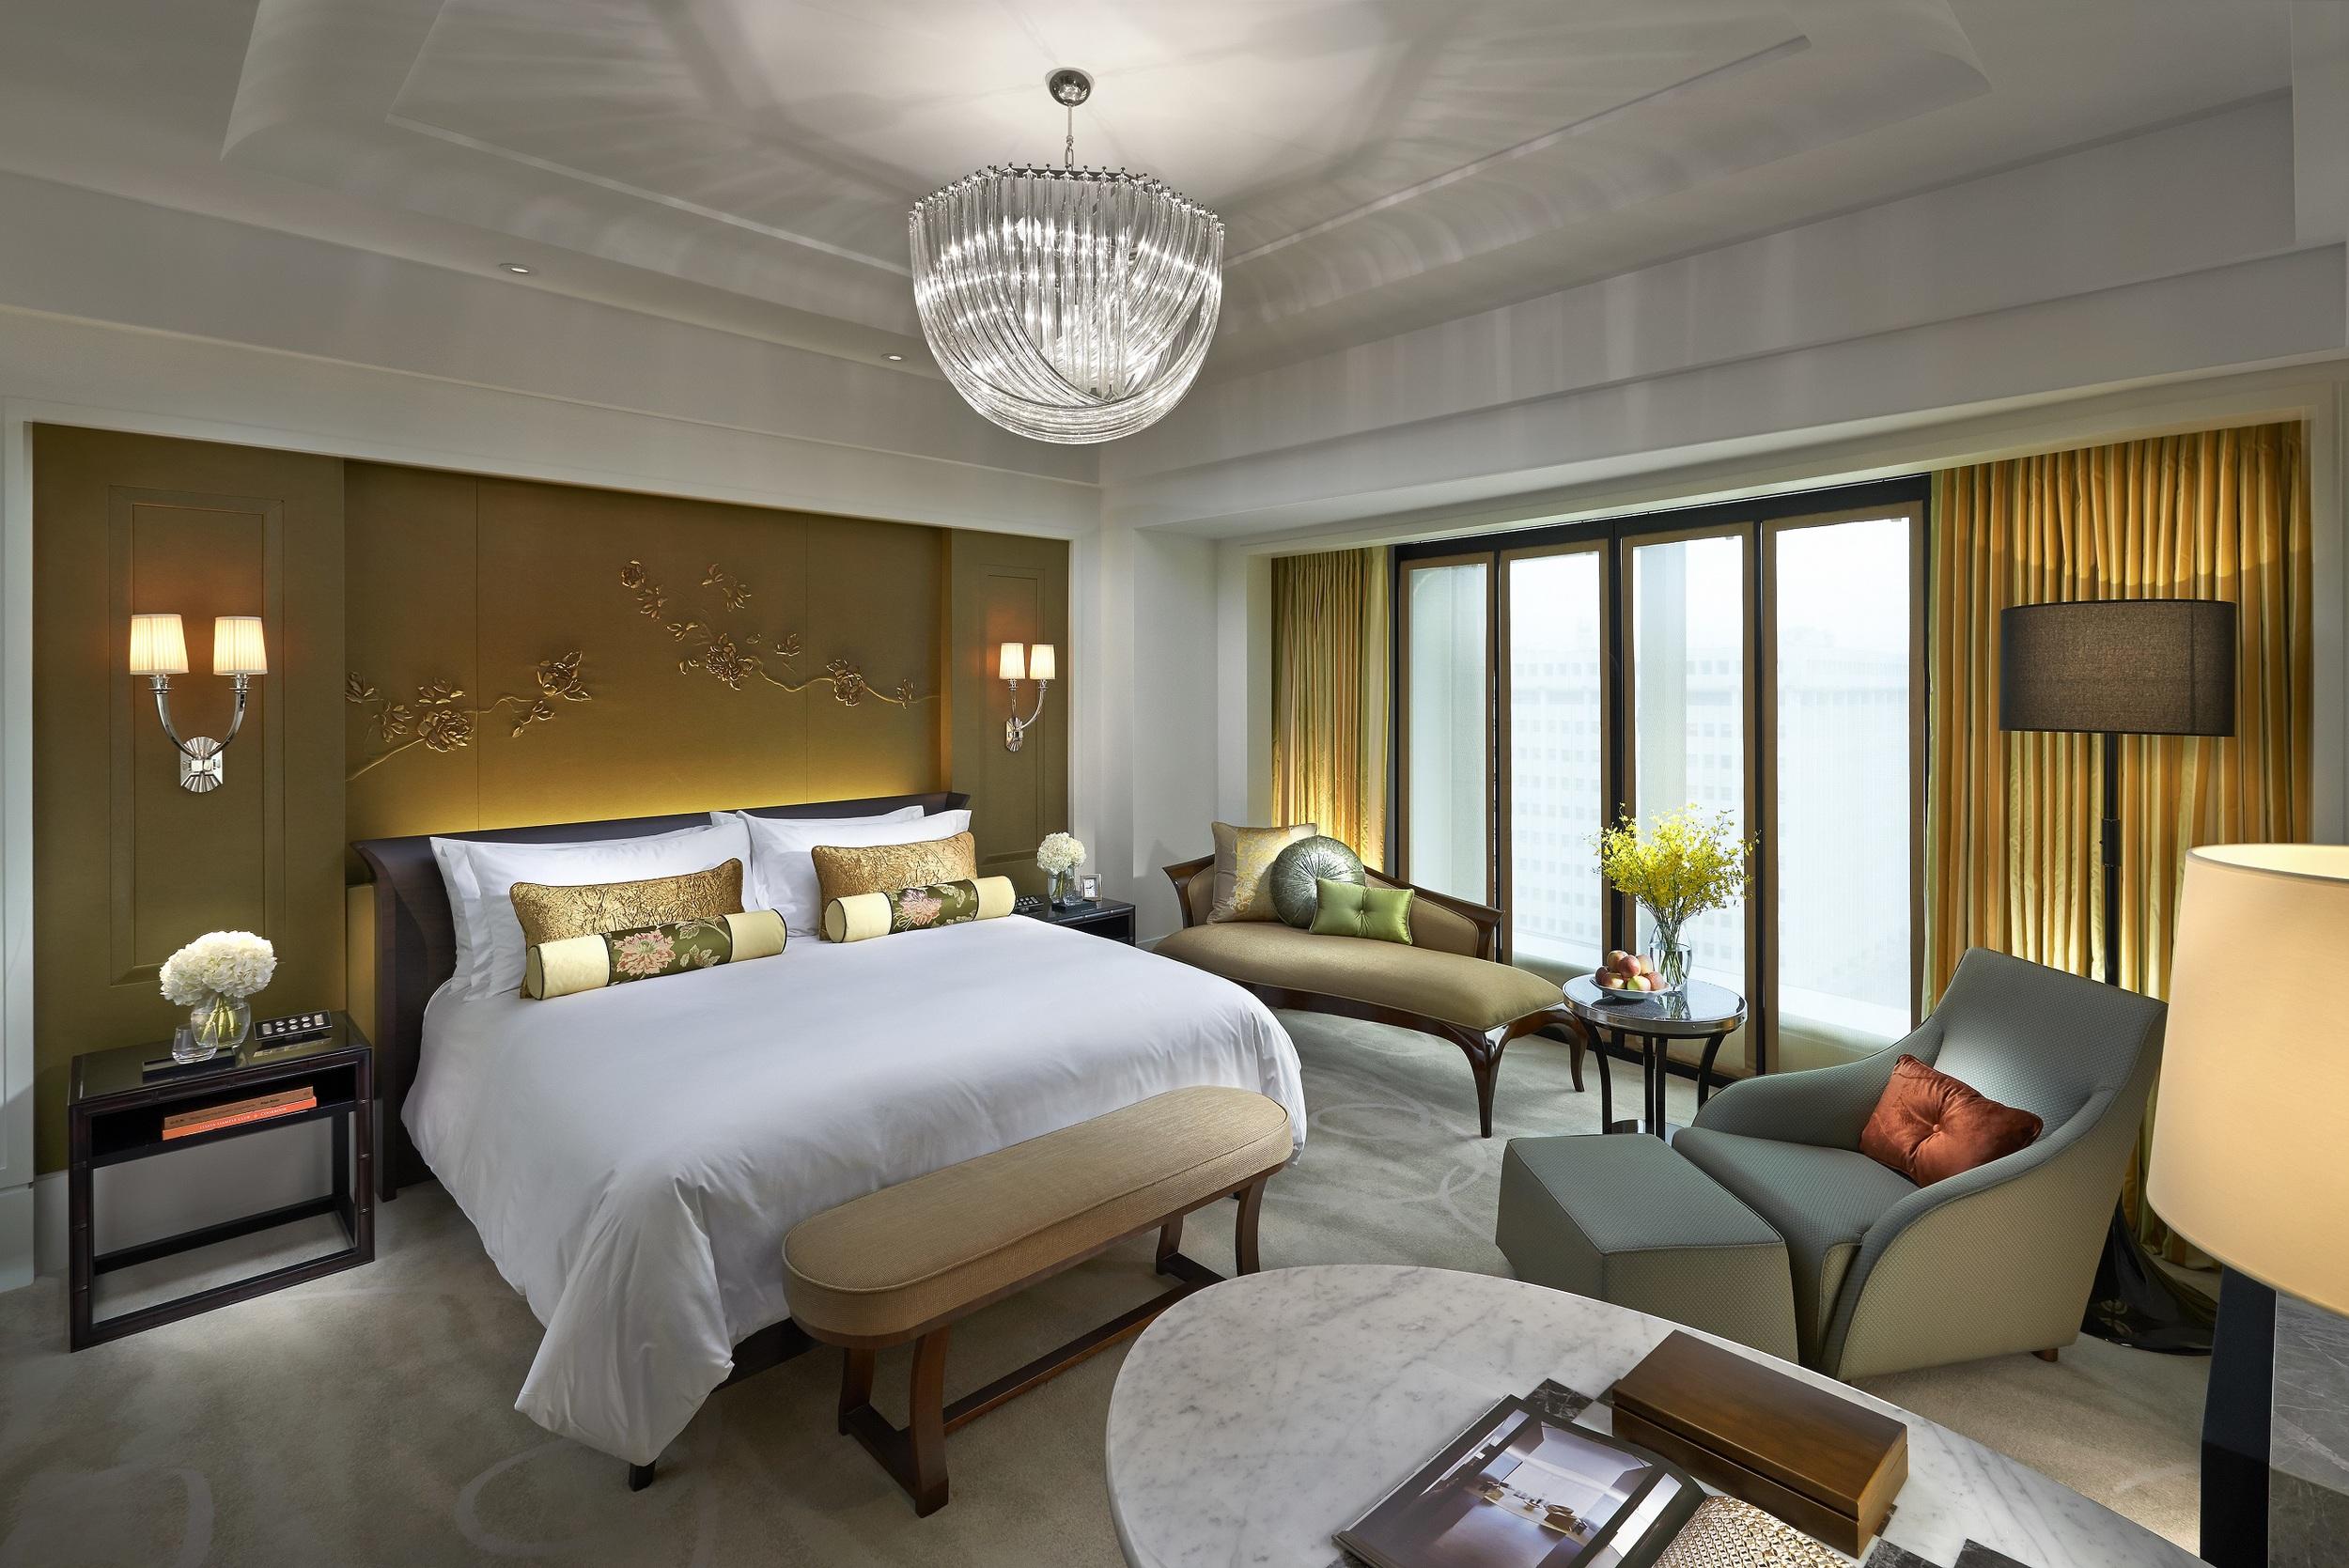 MOTPE Deluxe King Bedroom 豪華客房臥室.jpg